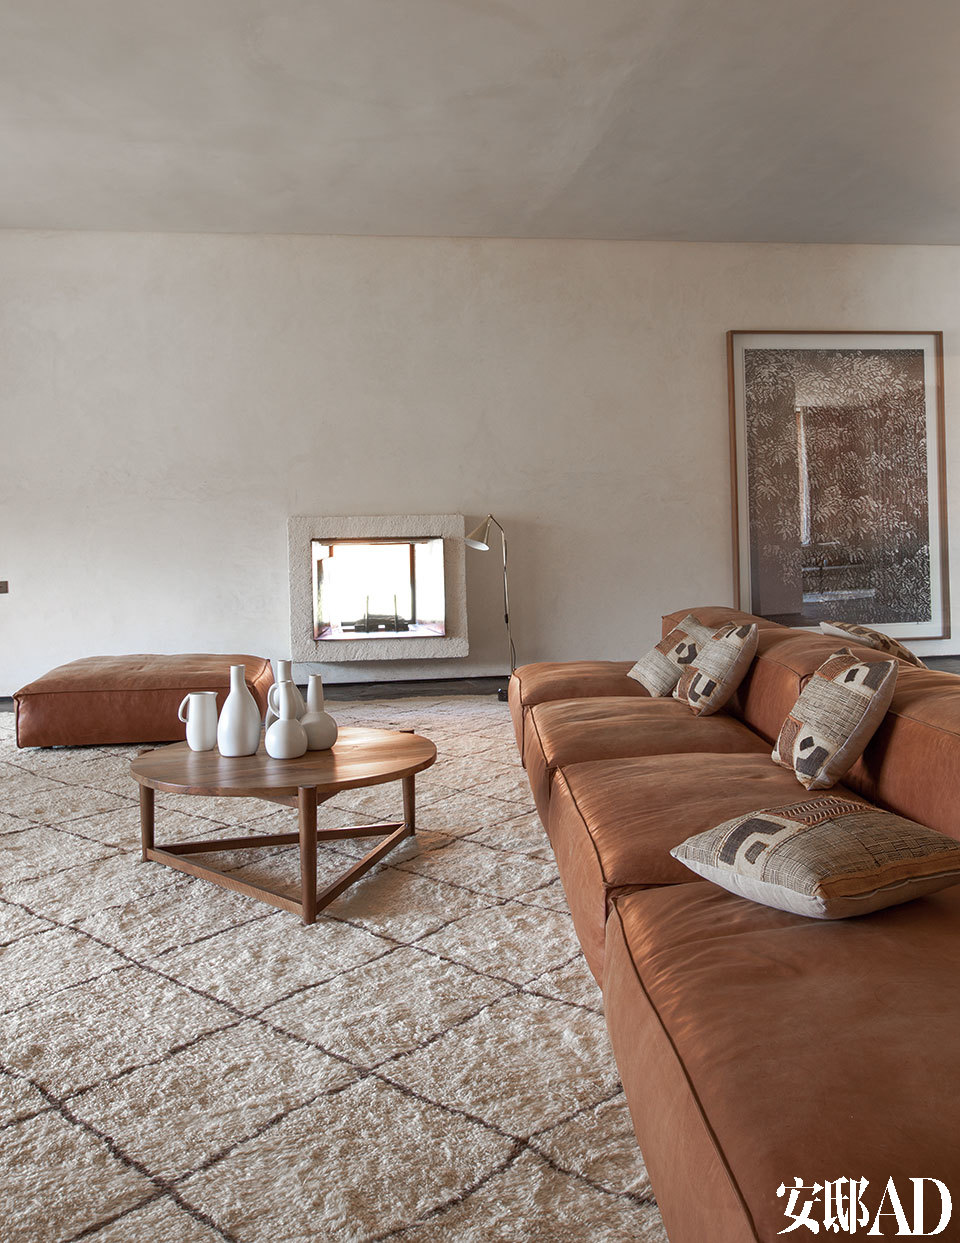 另一间客厅中,圆形的胡桃木茶几依然出自Ko,它沿袭了摩洛哥游牧生活的传统,十分便携,茶几上的陶器由设计师Nelson Sepulveda创作。超软的皮沙发来自意大利品牌Living Divani,非洲针织的靠垫购自塞内加尔,传统风格的地毯来自柏柏尔的Beni Ouarain部落。